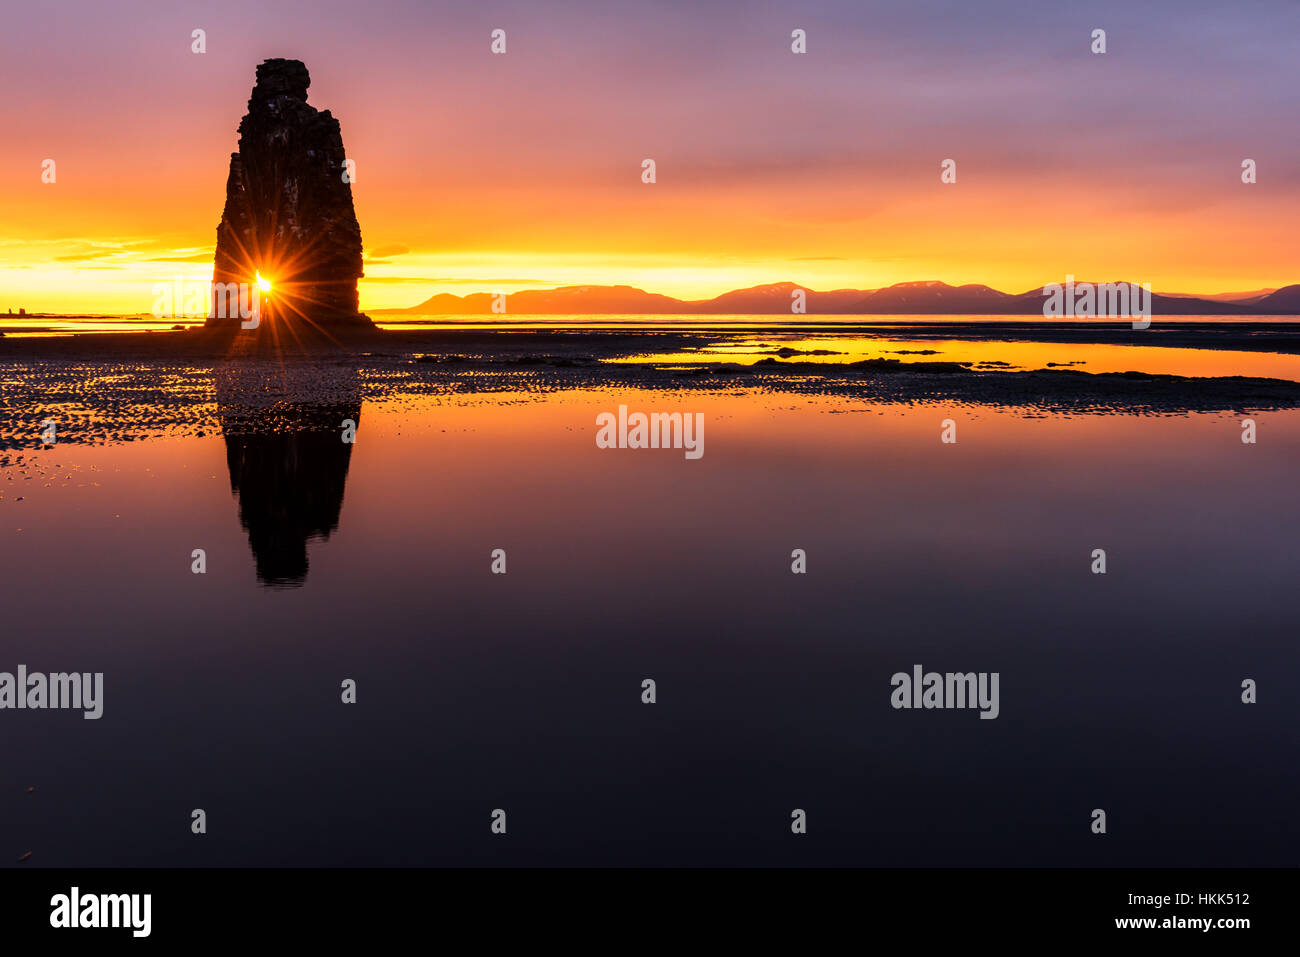 Pile de basalte sur la péninsule de Vatnsnes Hvitserkur, l'Islande, l'Europe. Photo Stock